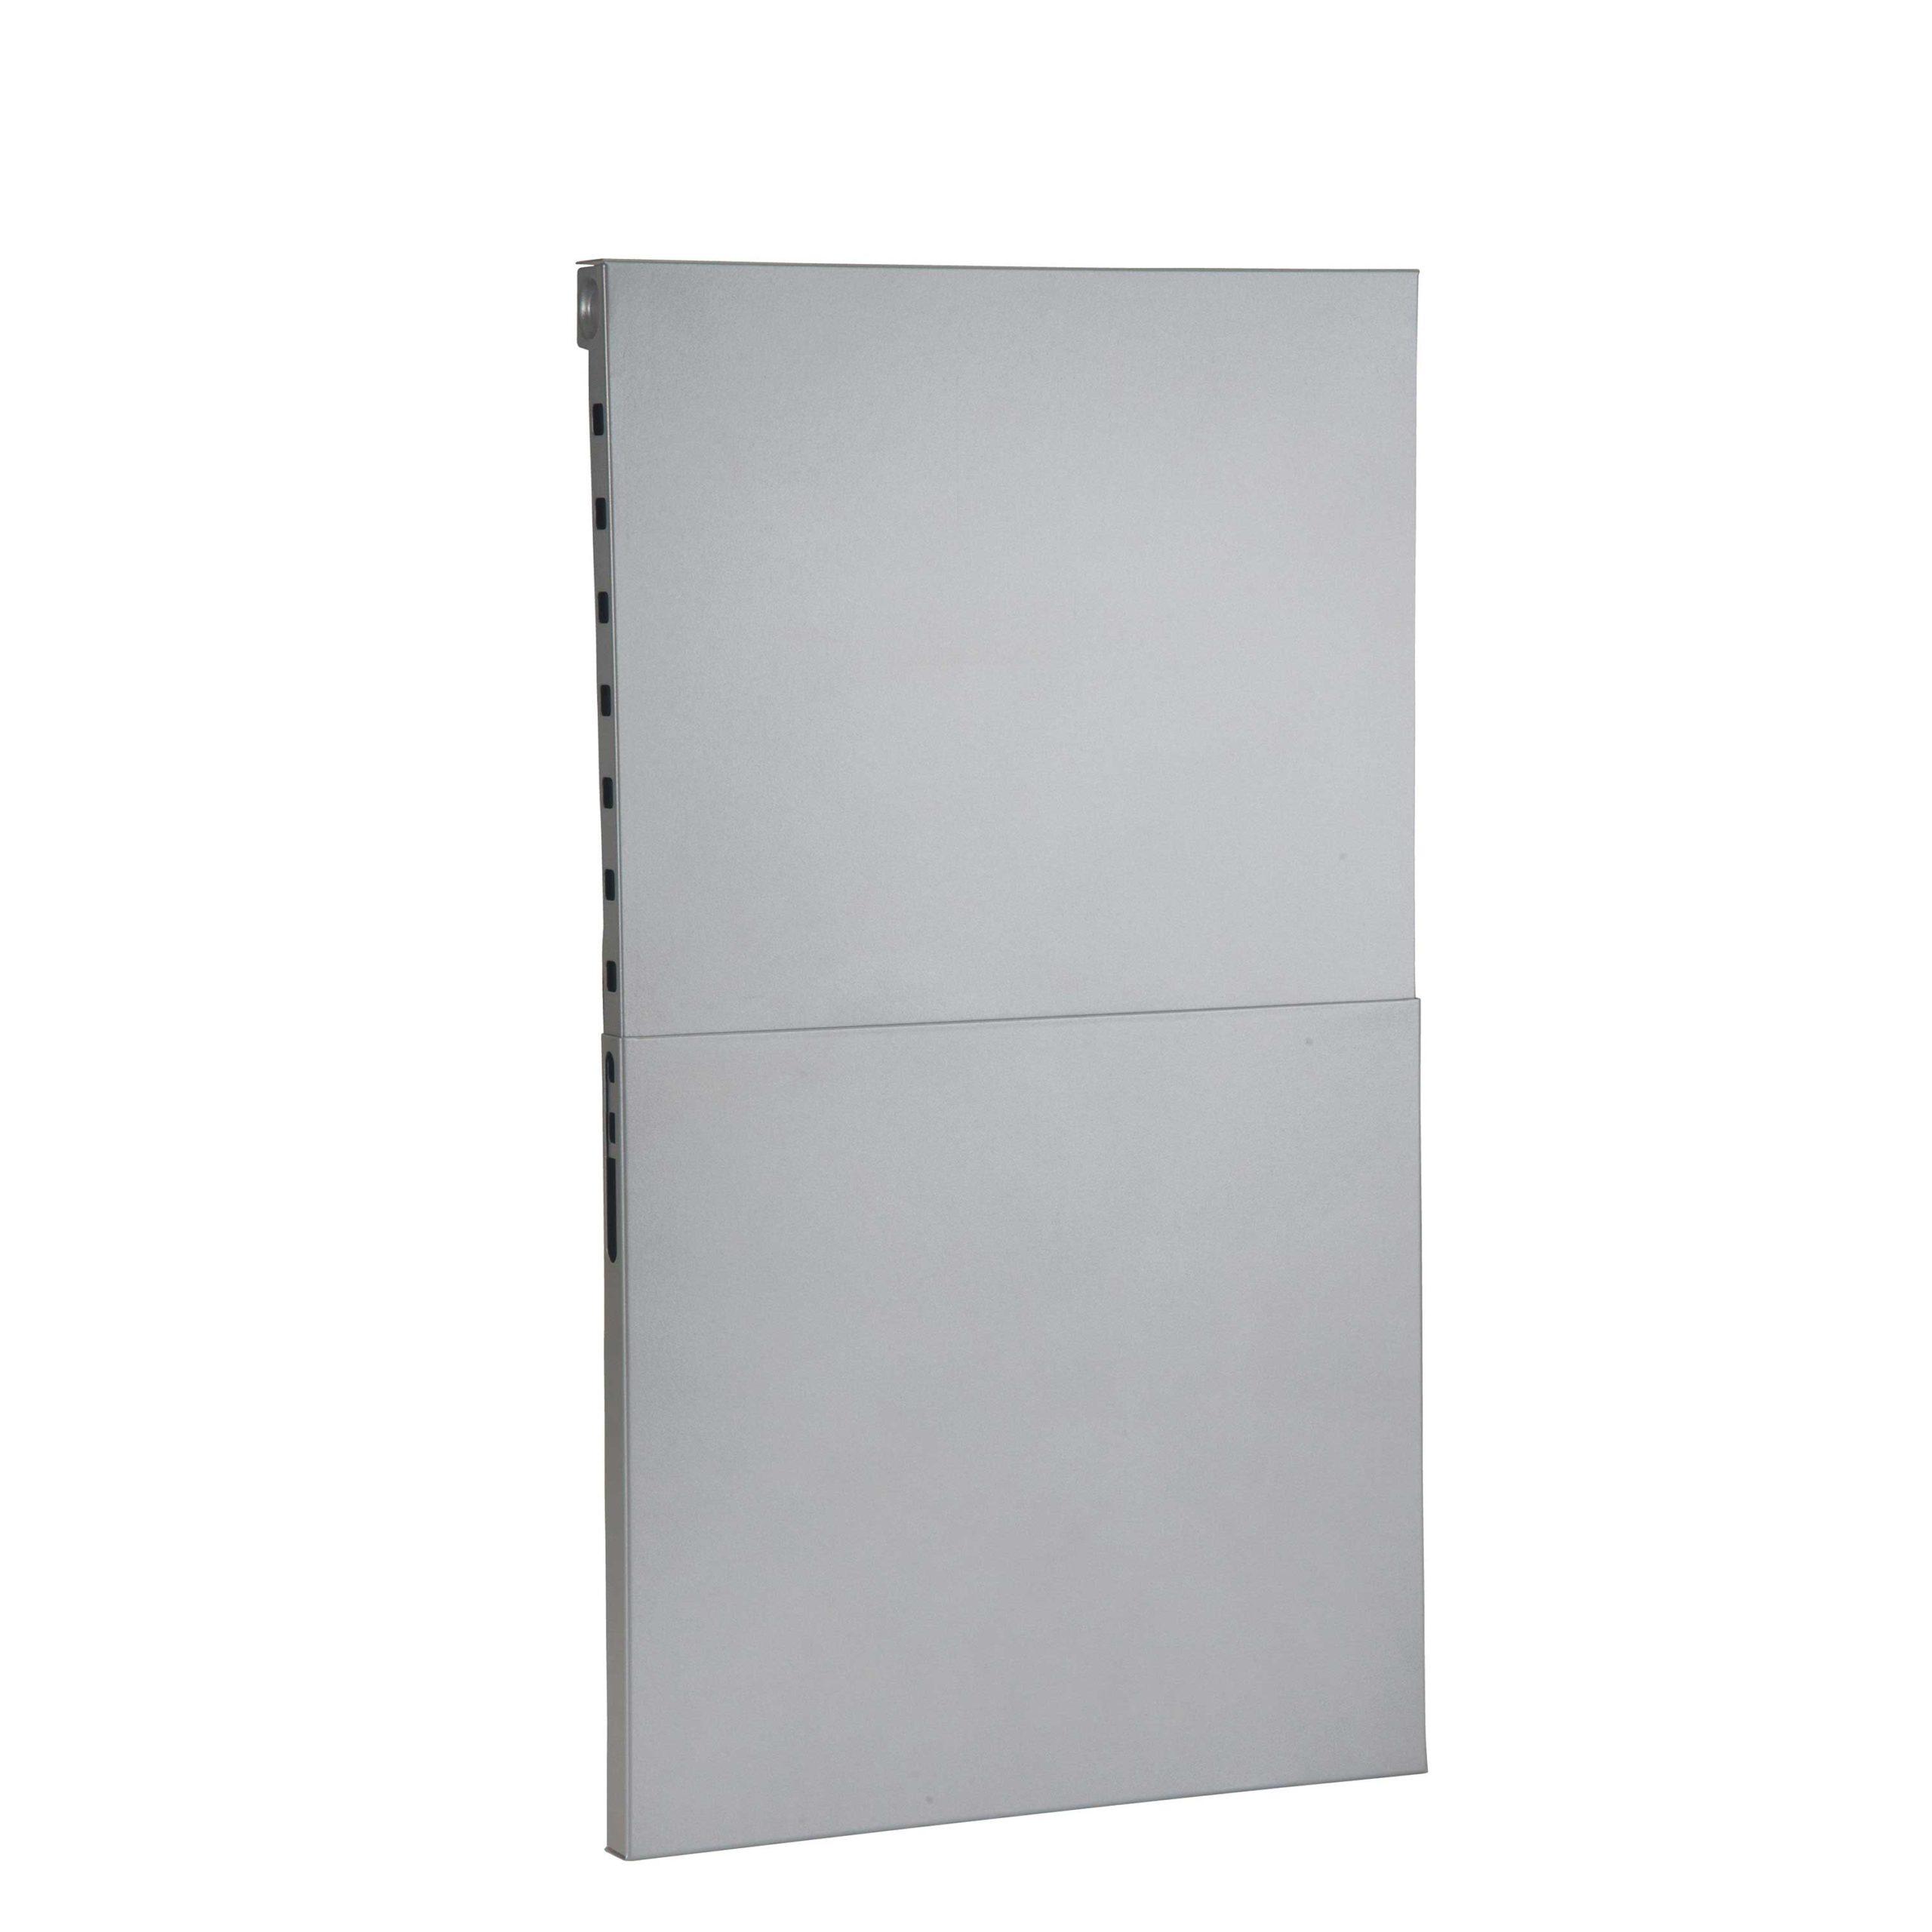 AKB面材用横幕板